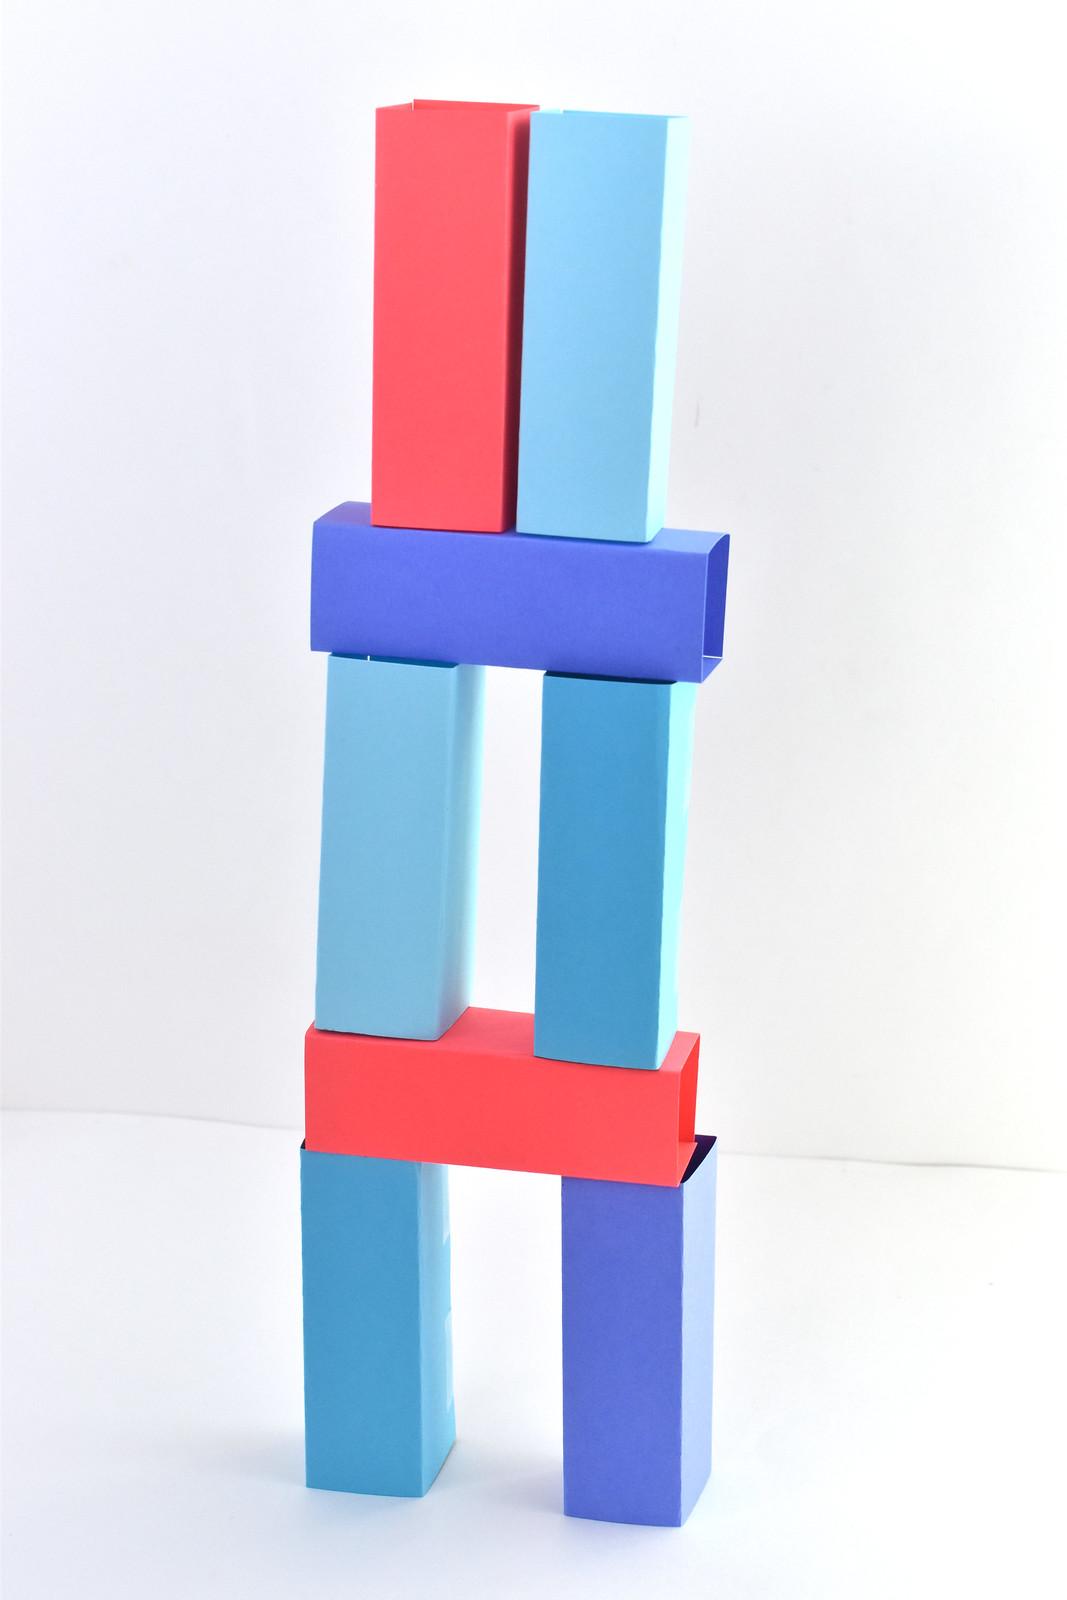 Make Simple Paper Blocks